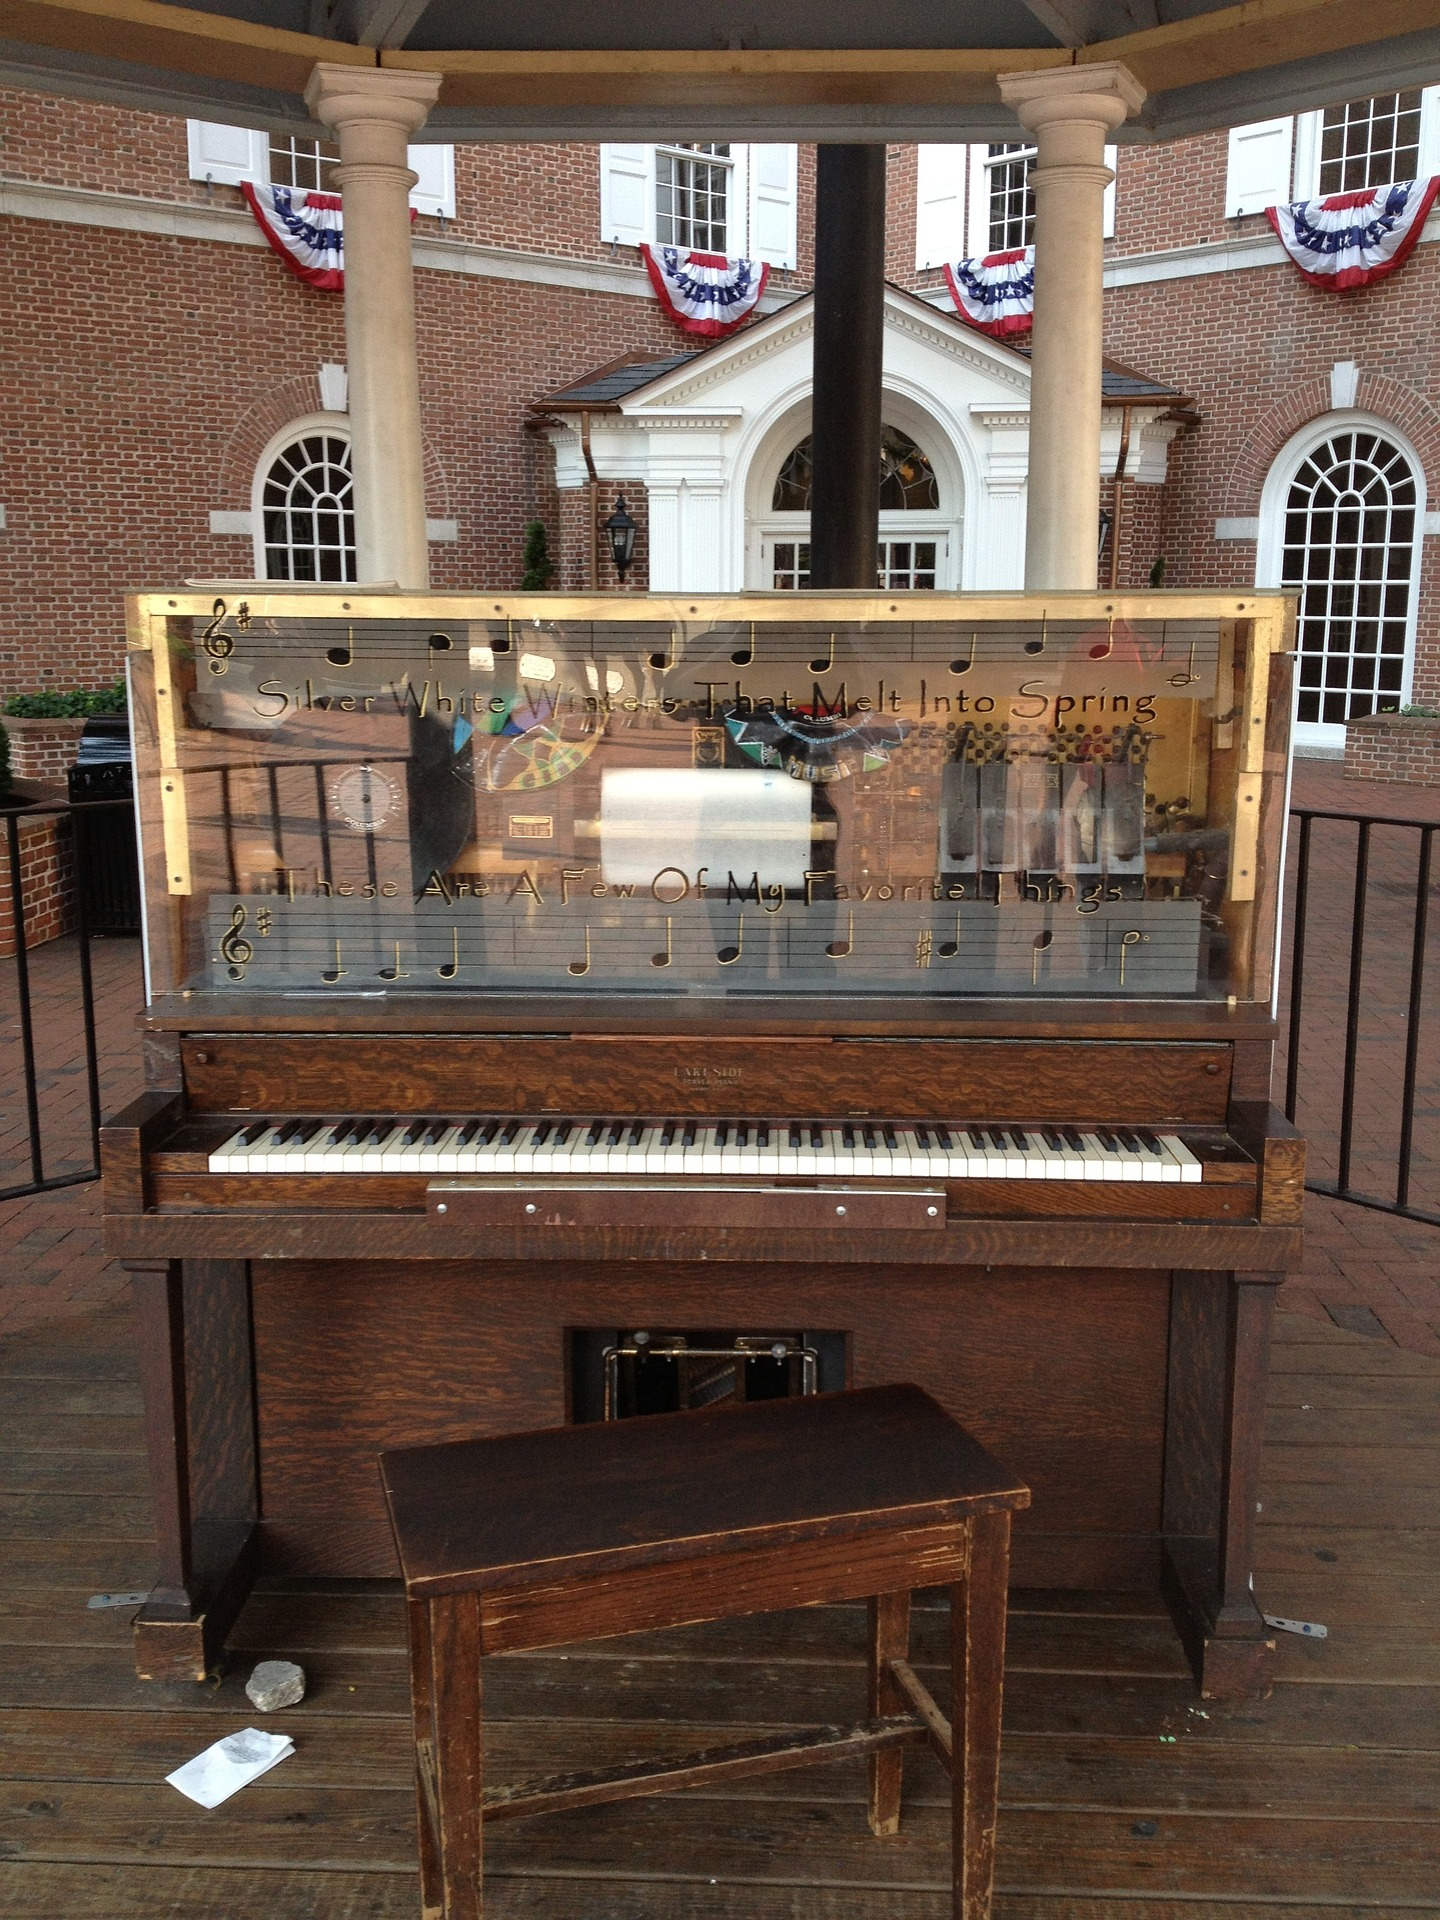 piano-992916_1920